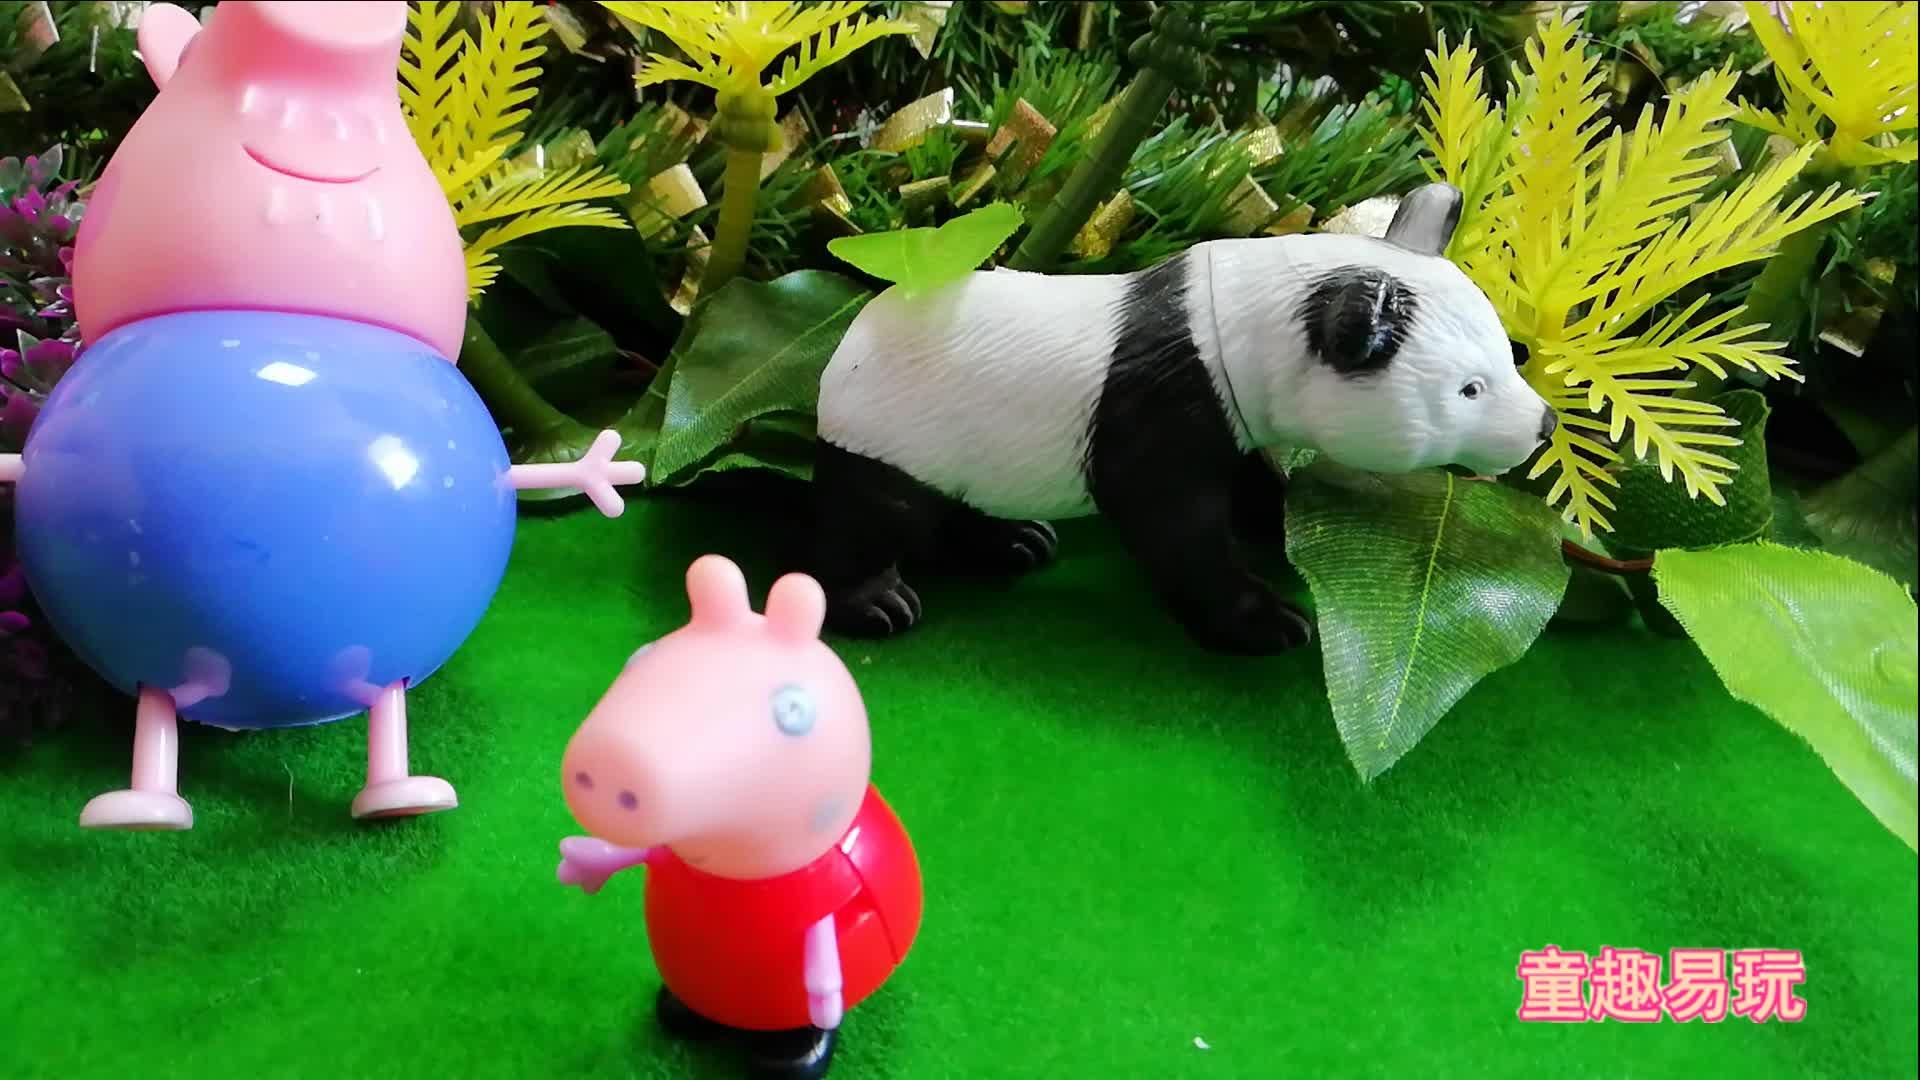 小猪佩奇diy大熊猫彩泥黏土模型 创意视频-小猪佩奇创意-童趣易玩